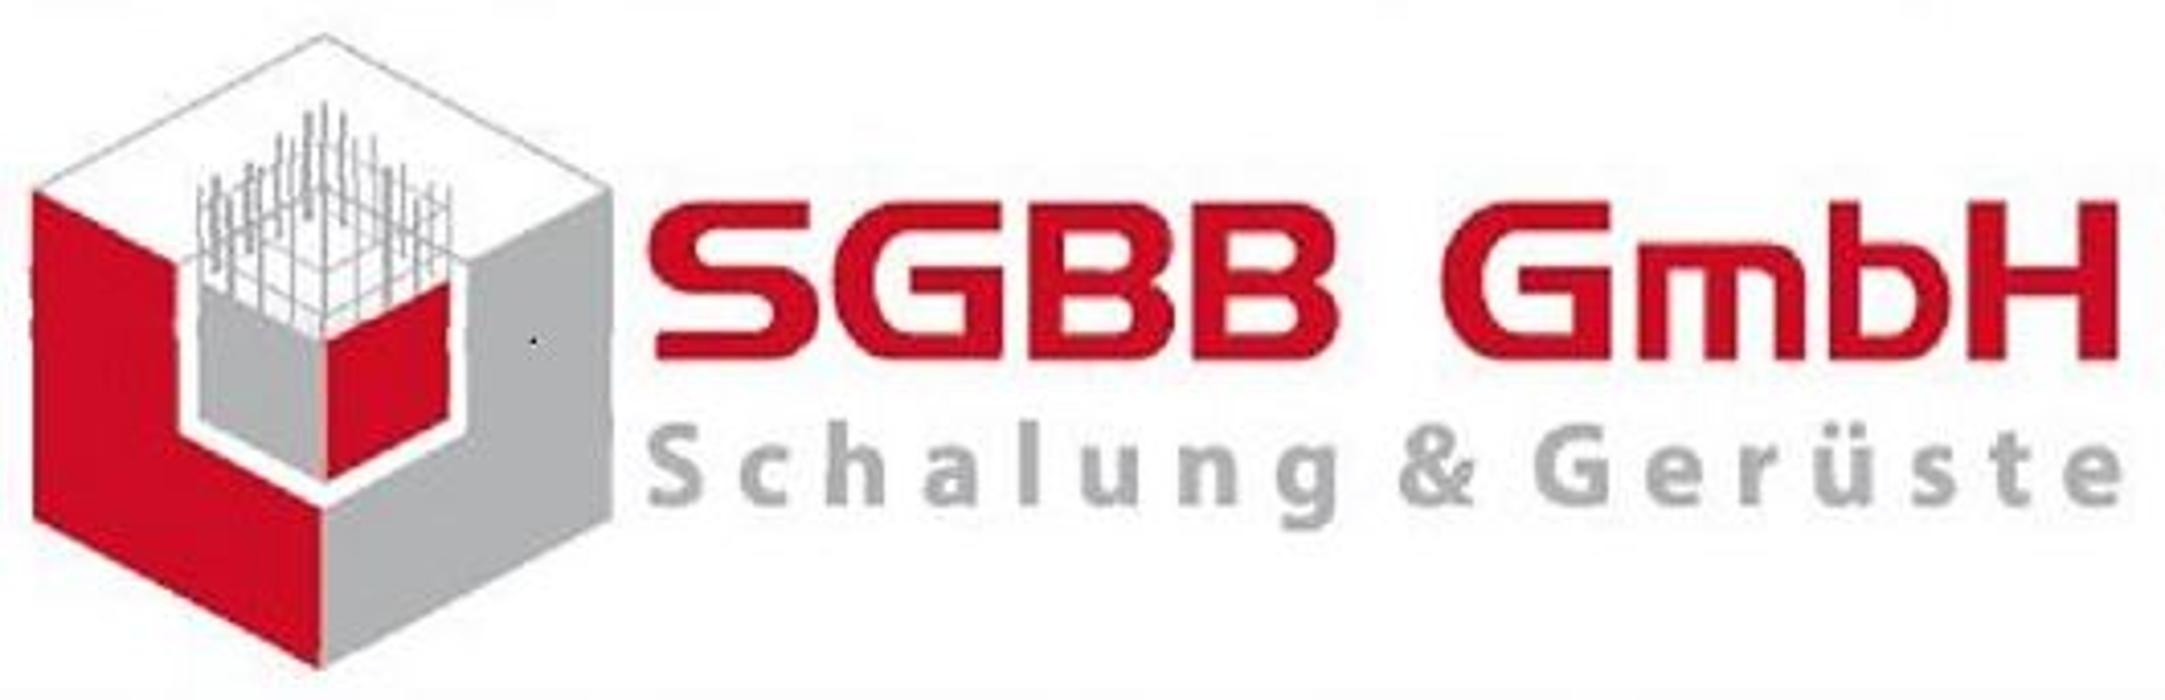 Bild zu SGBB Schalung & Gerüste GmbH in Laupheim